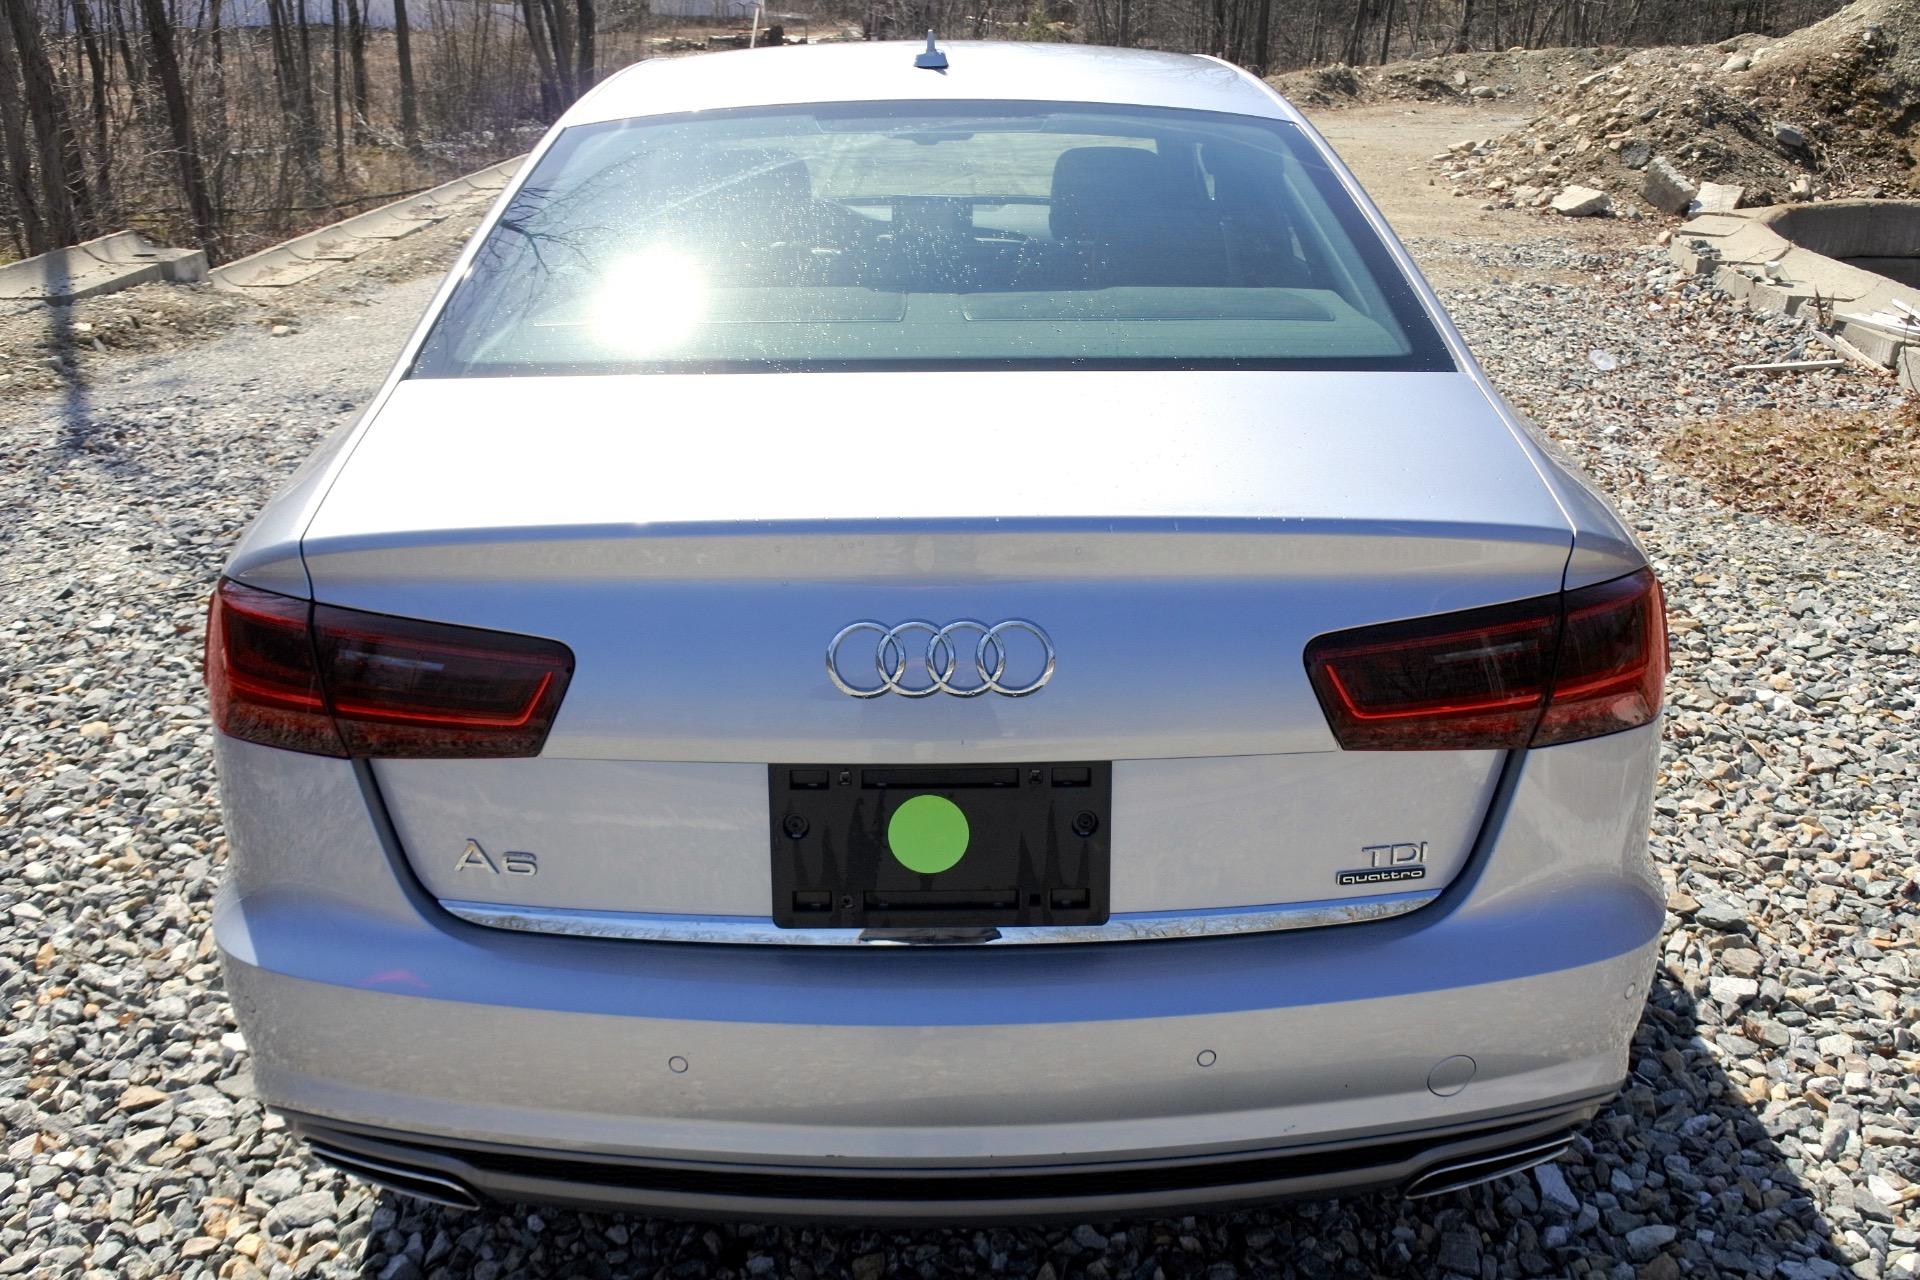 Used 2016 Audi A6 3.0 TDI Premium Plus Quattro Used 2016 Audi A6 3.0 TDI Premium Plus Quattro for sale  at Metro West Motorcars LLC in Shrewsbury MA 4